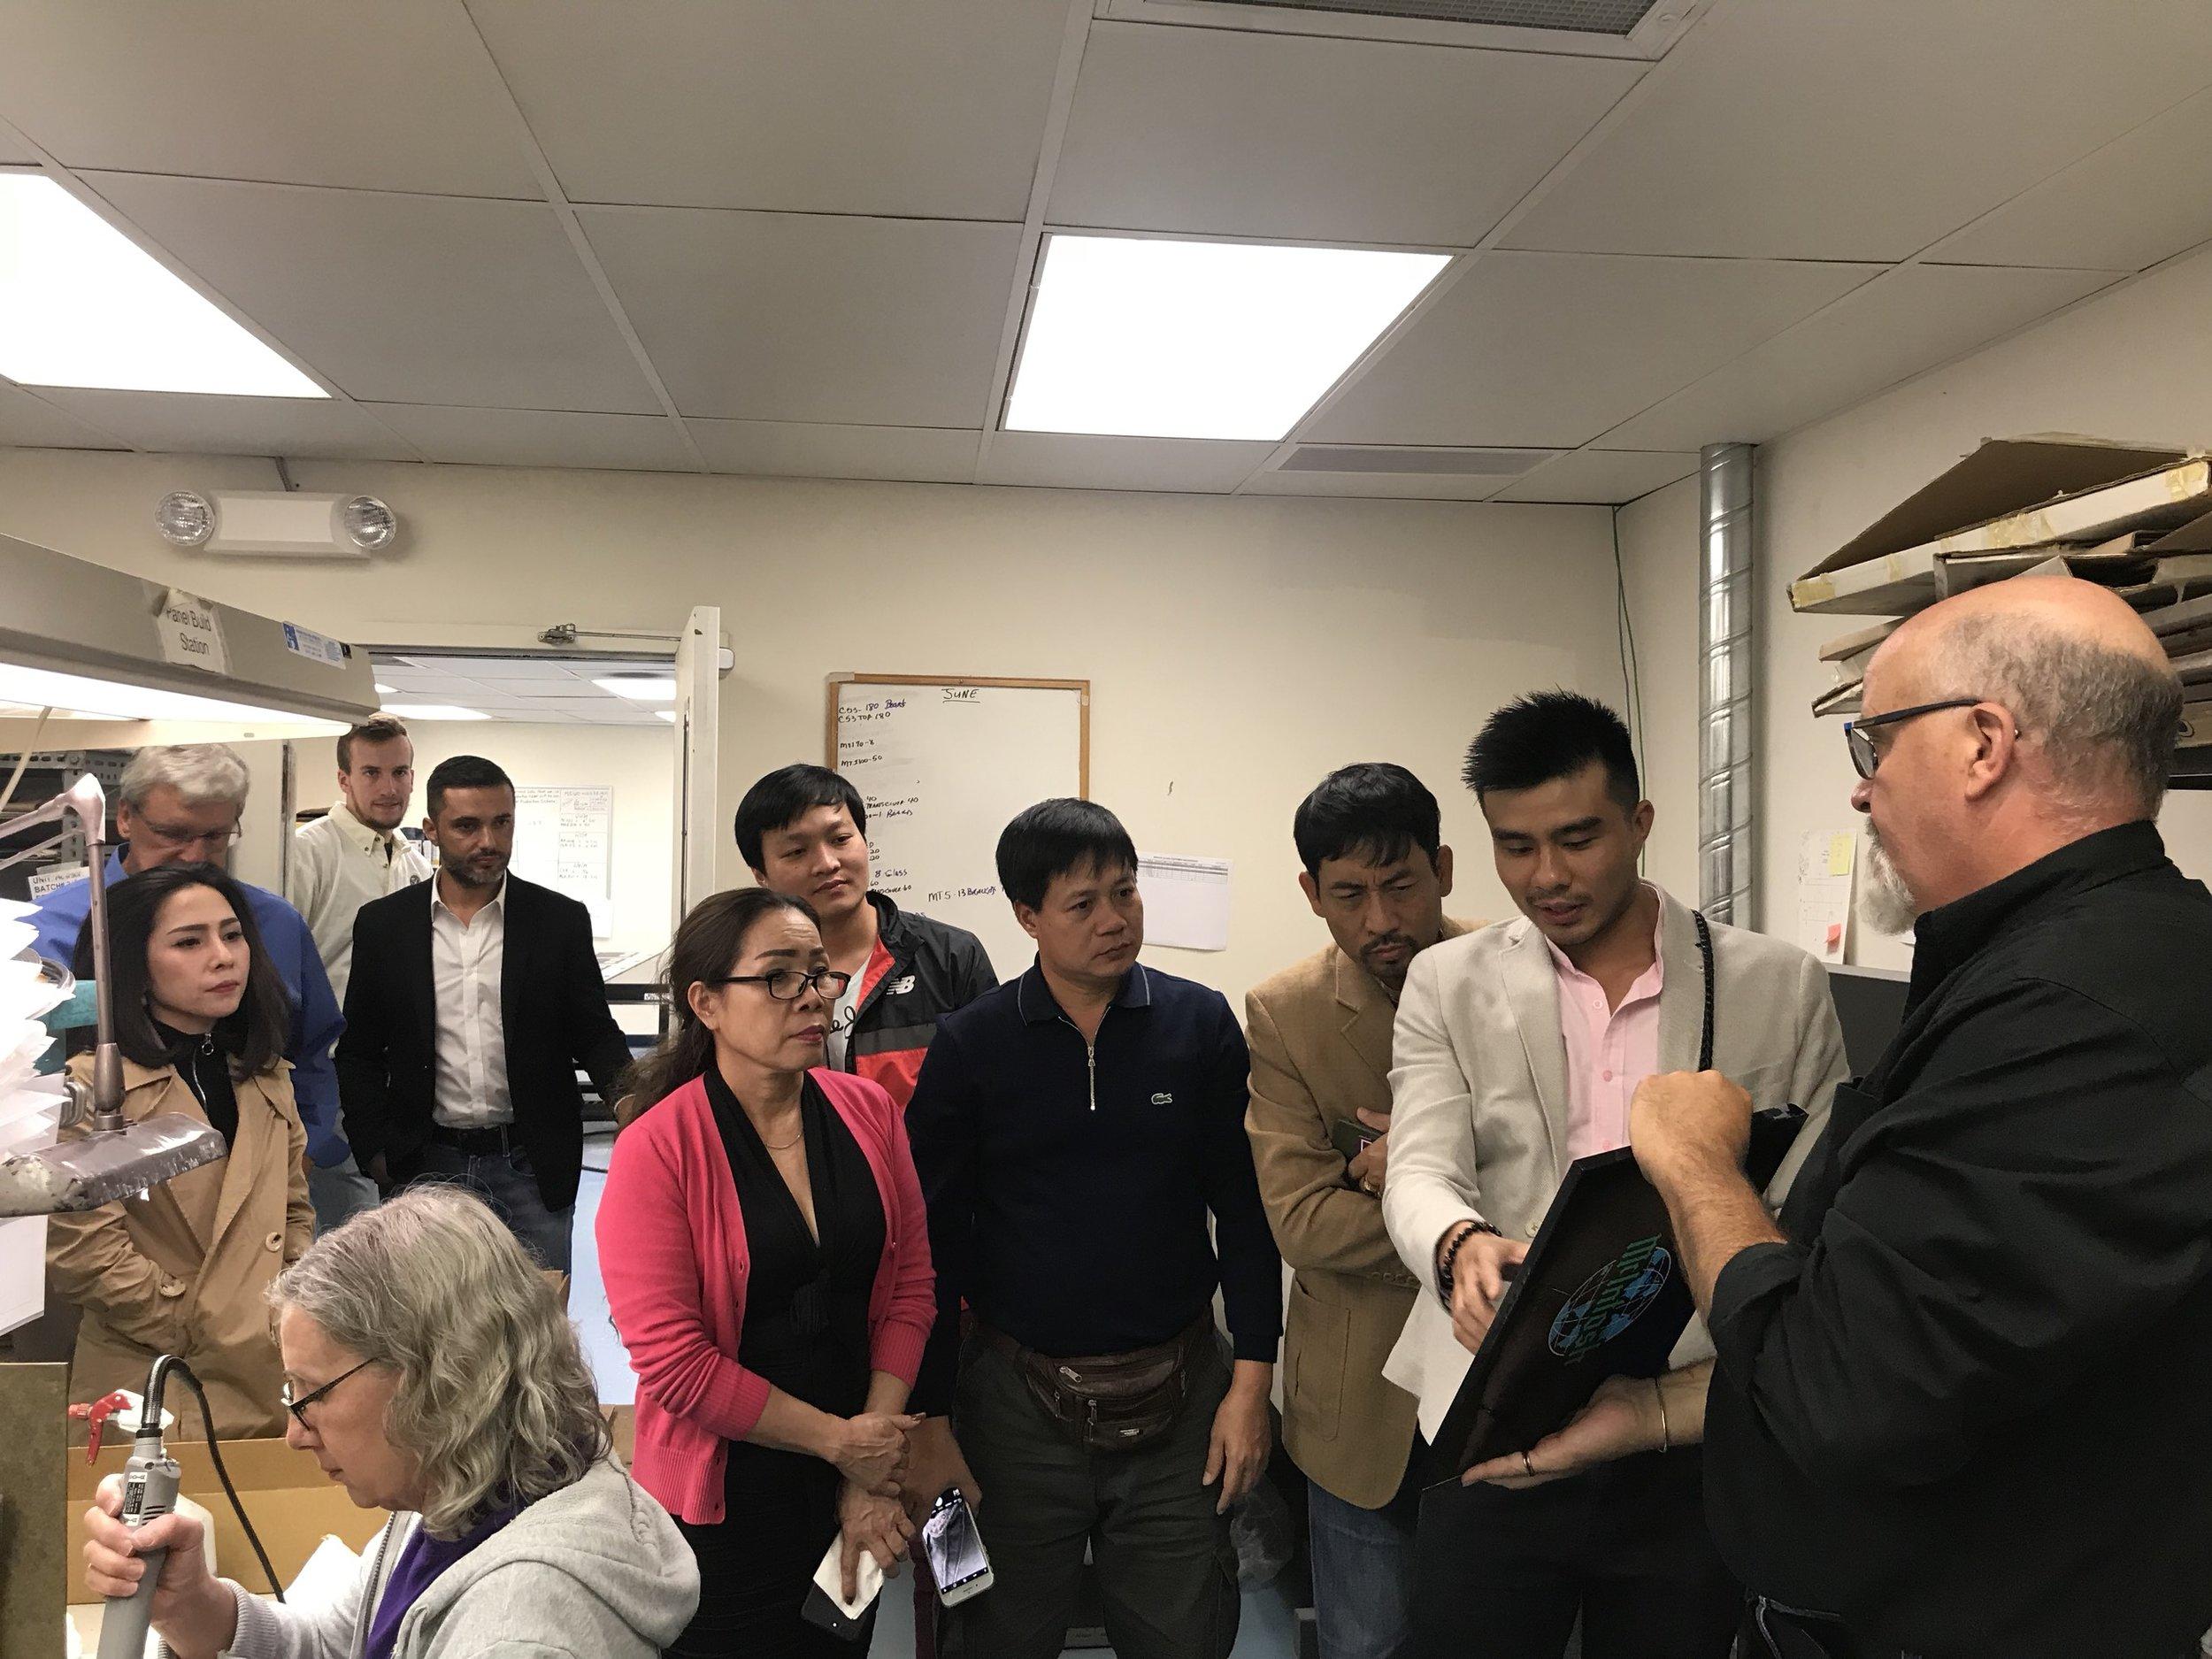 Đoàn Việt Nam trong phòng sơn mặt kính